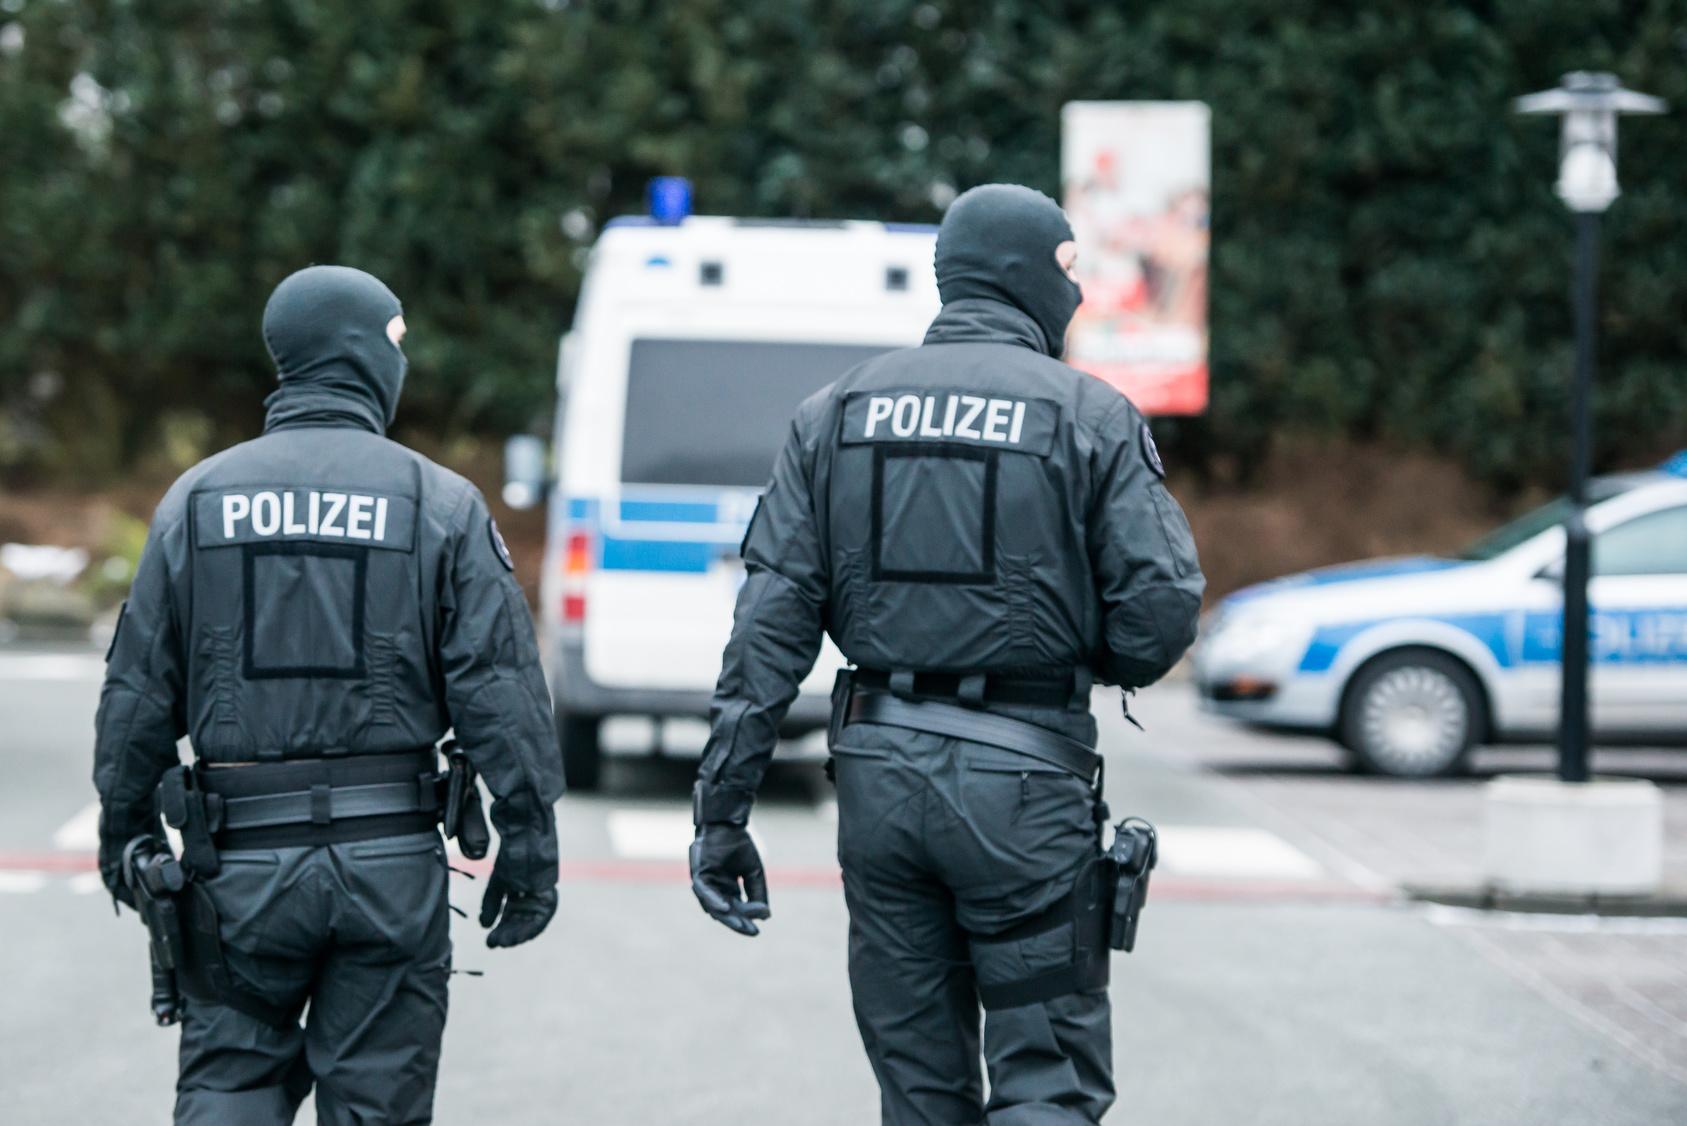 Kriminalität | Polizei nimmt mutmaßlichen Islamisten in Essen fest